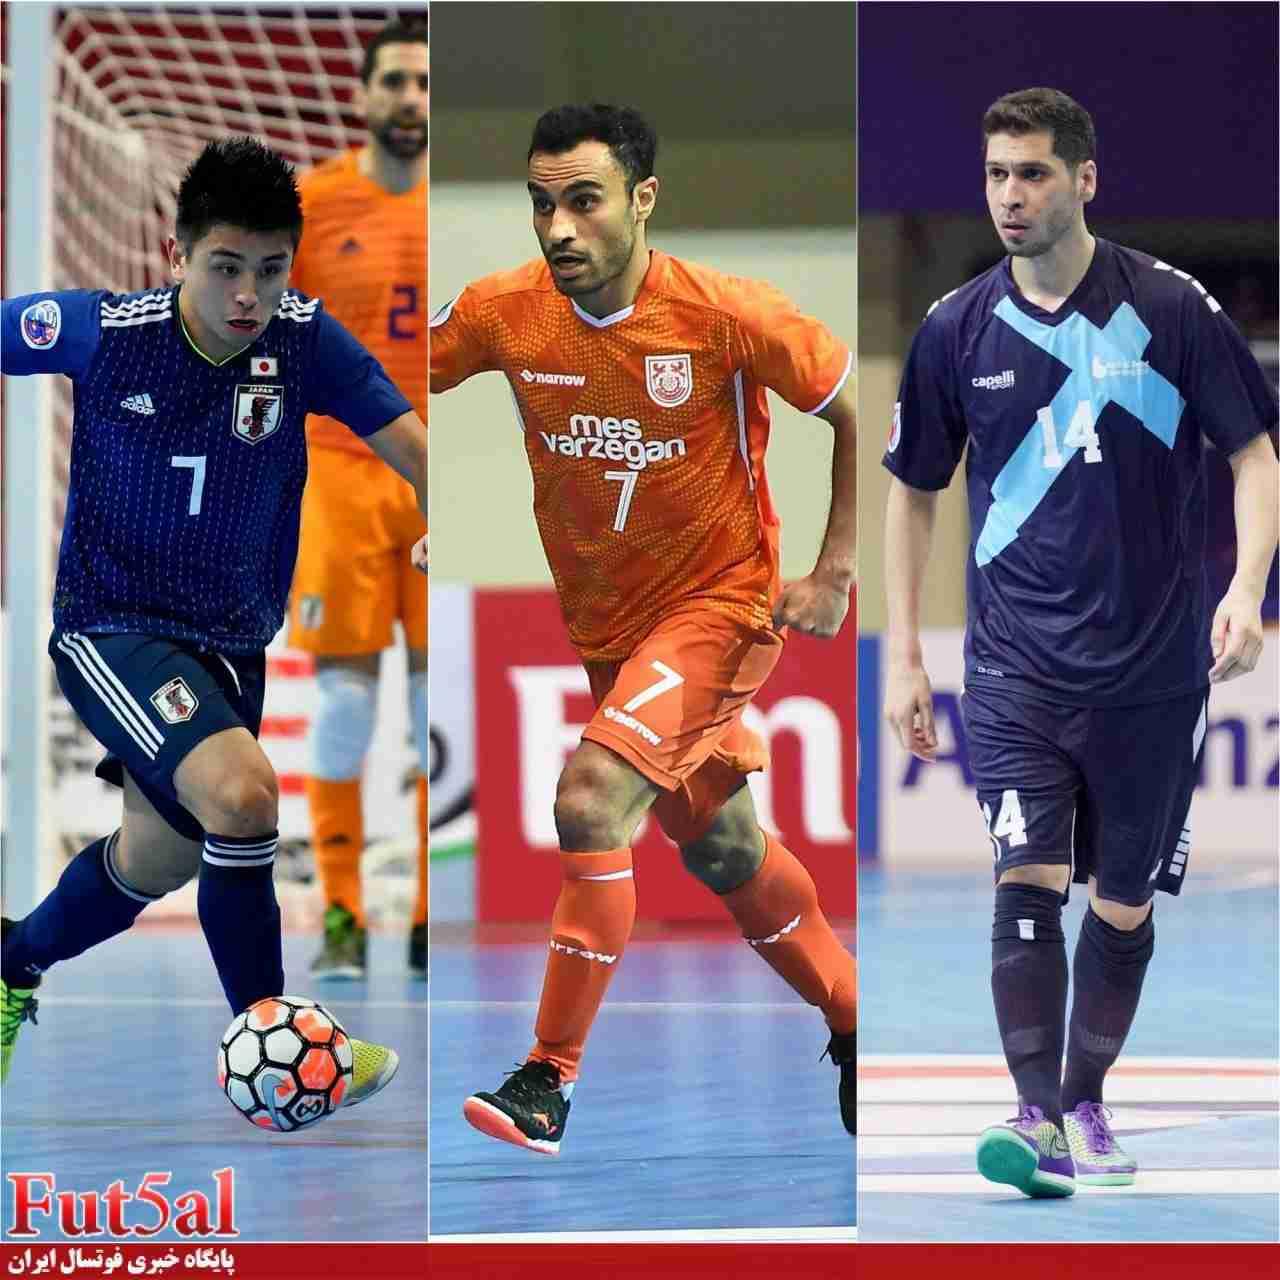 حضور عجیب هنمی در لیست نامزدهای بازیکن سال آسیا